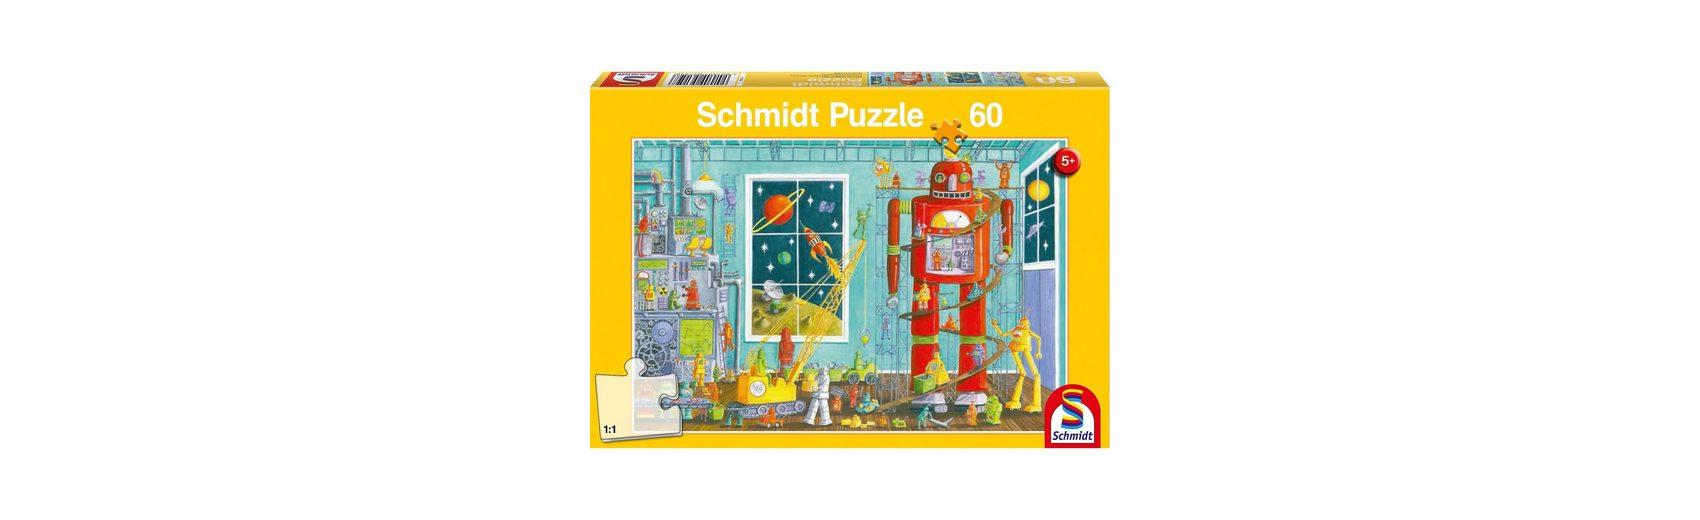 Schmidt Spiele Puzzle Roboter, 60 Teile